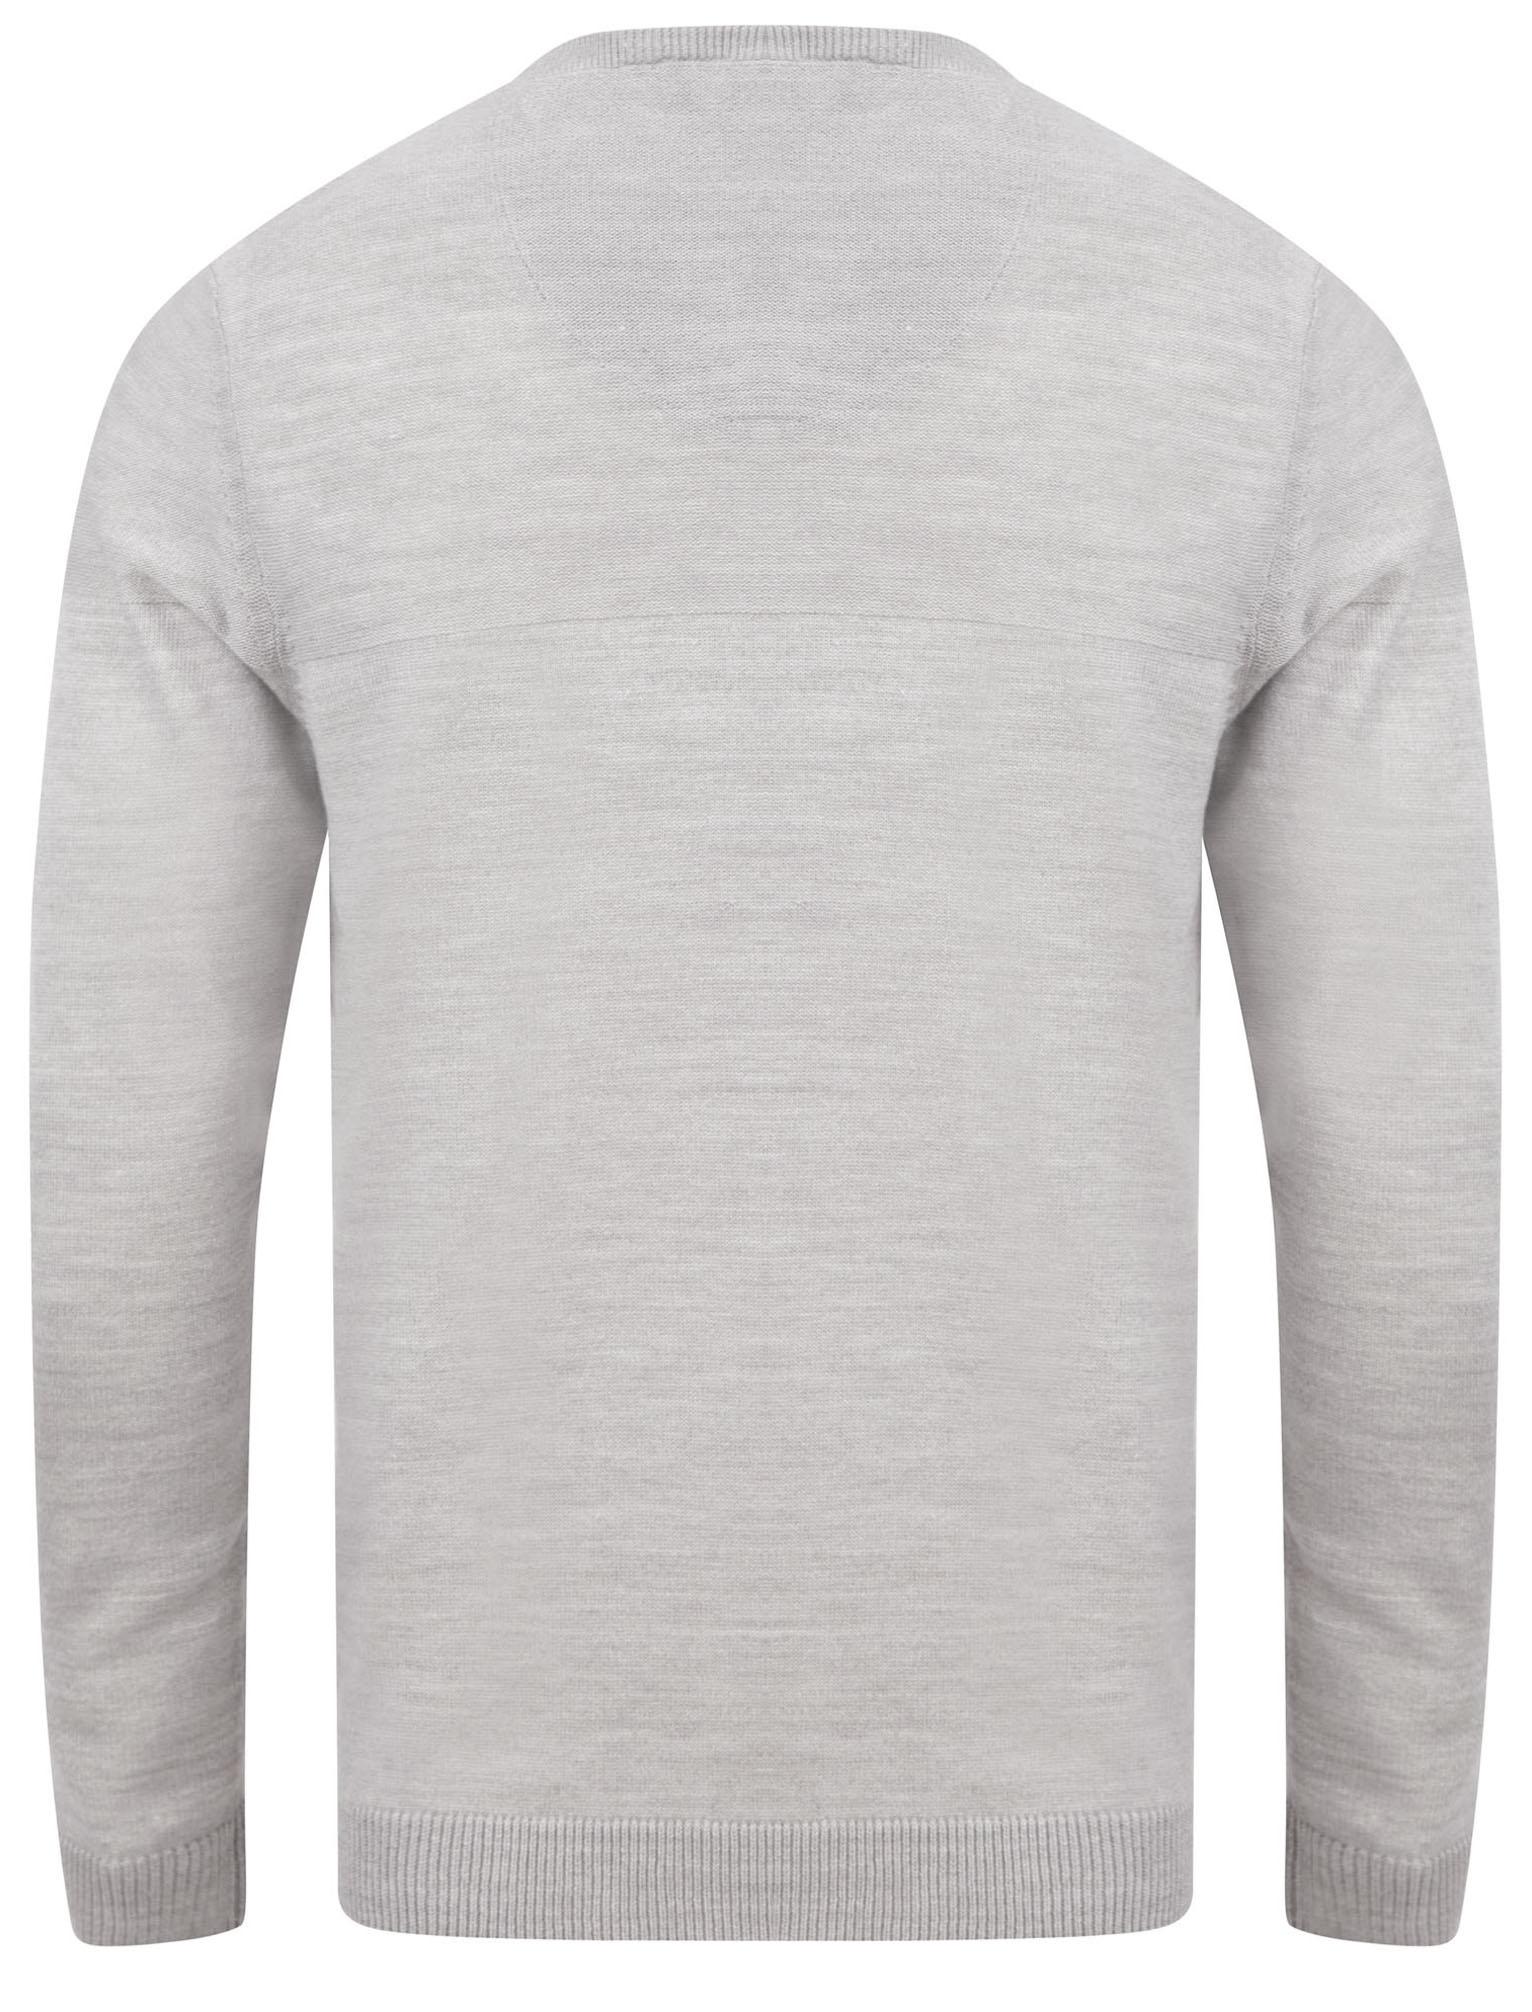 Kensington-Eastside-Men-039-s-Knitted-Crew-or-V-Neck-Jumper-Sweater-Top-Pullover thumbnail 49